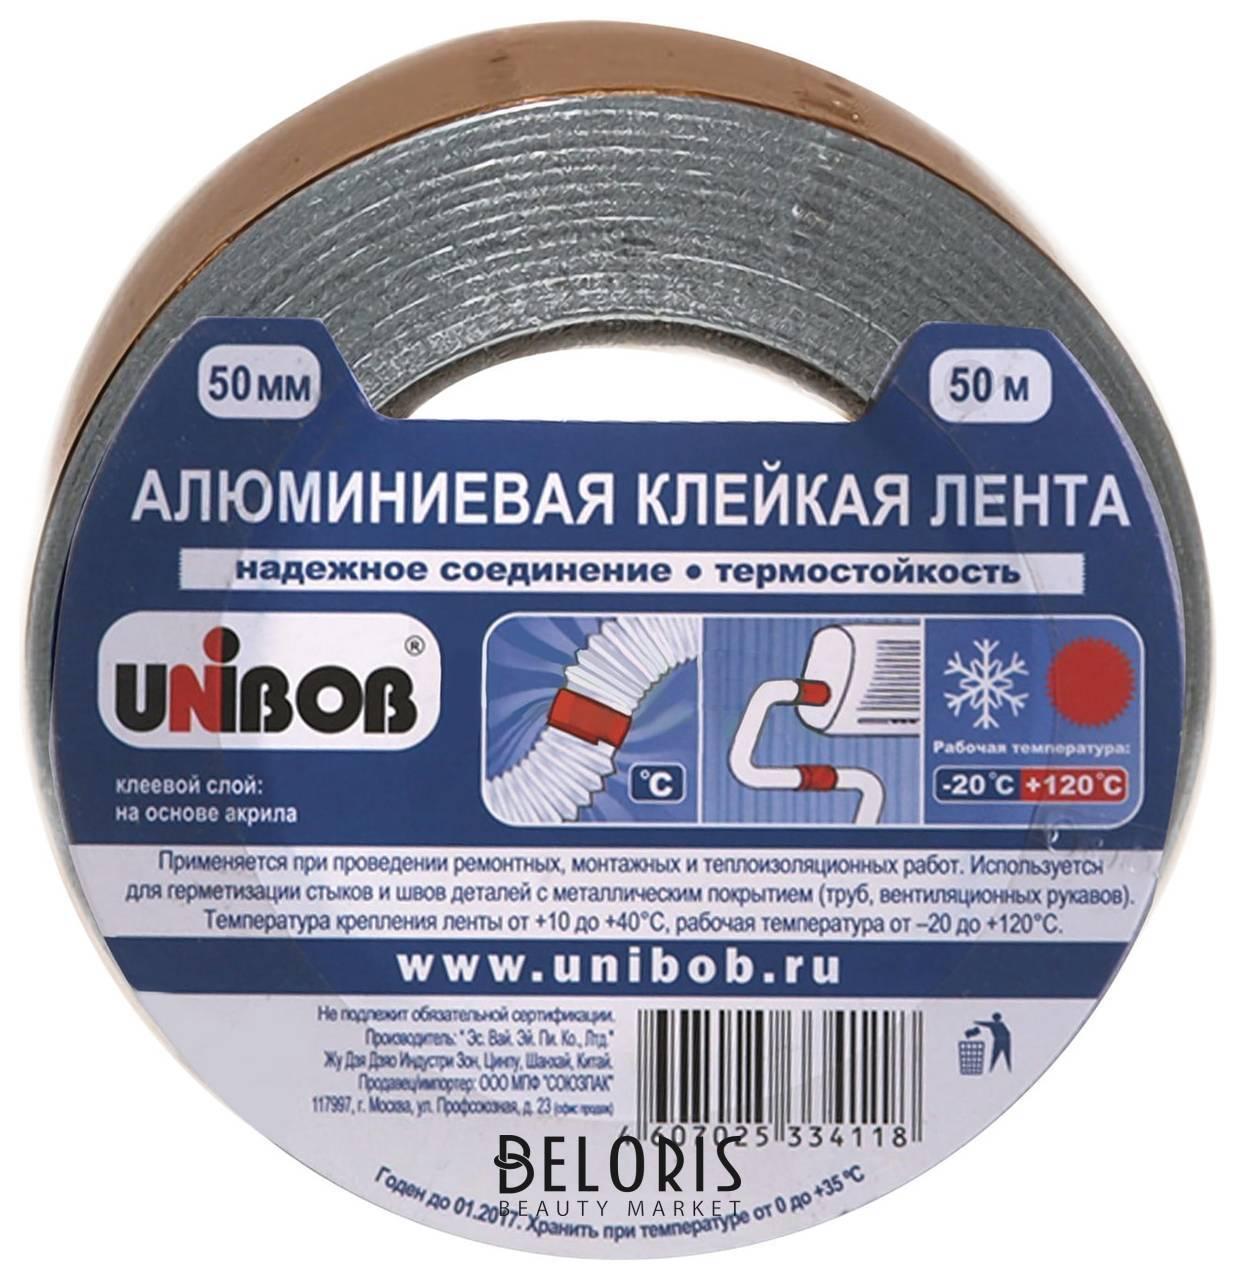 Клейкая лента алюминиевая 50 мм х 50 м, морозостойкая, европодвес, UNIBOB Unibob